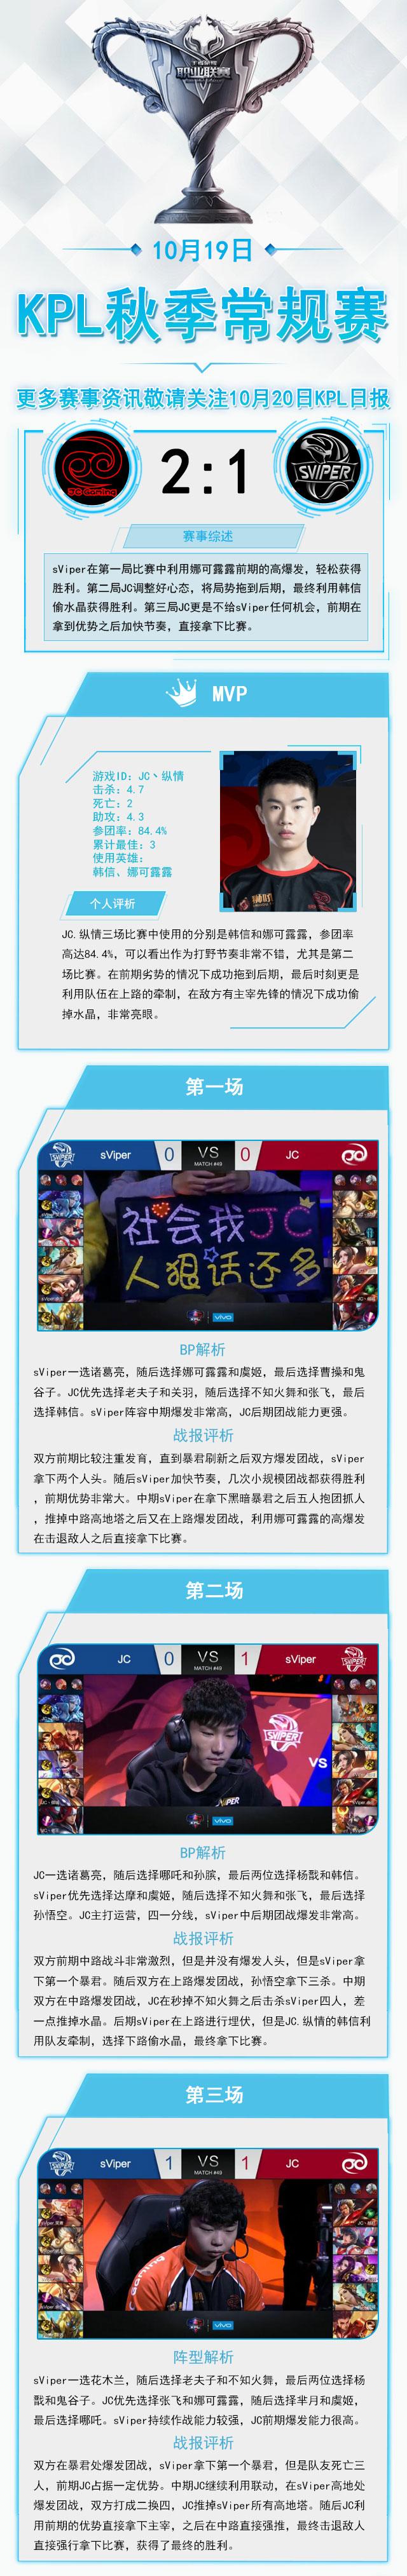 王者荣耀KPL秋季赛XQ0-2QGhappy 苏烈超强![图]图片1